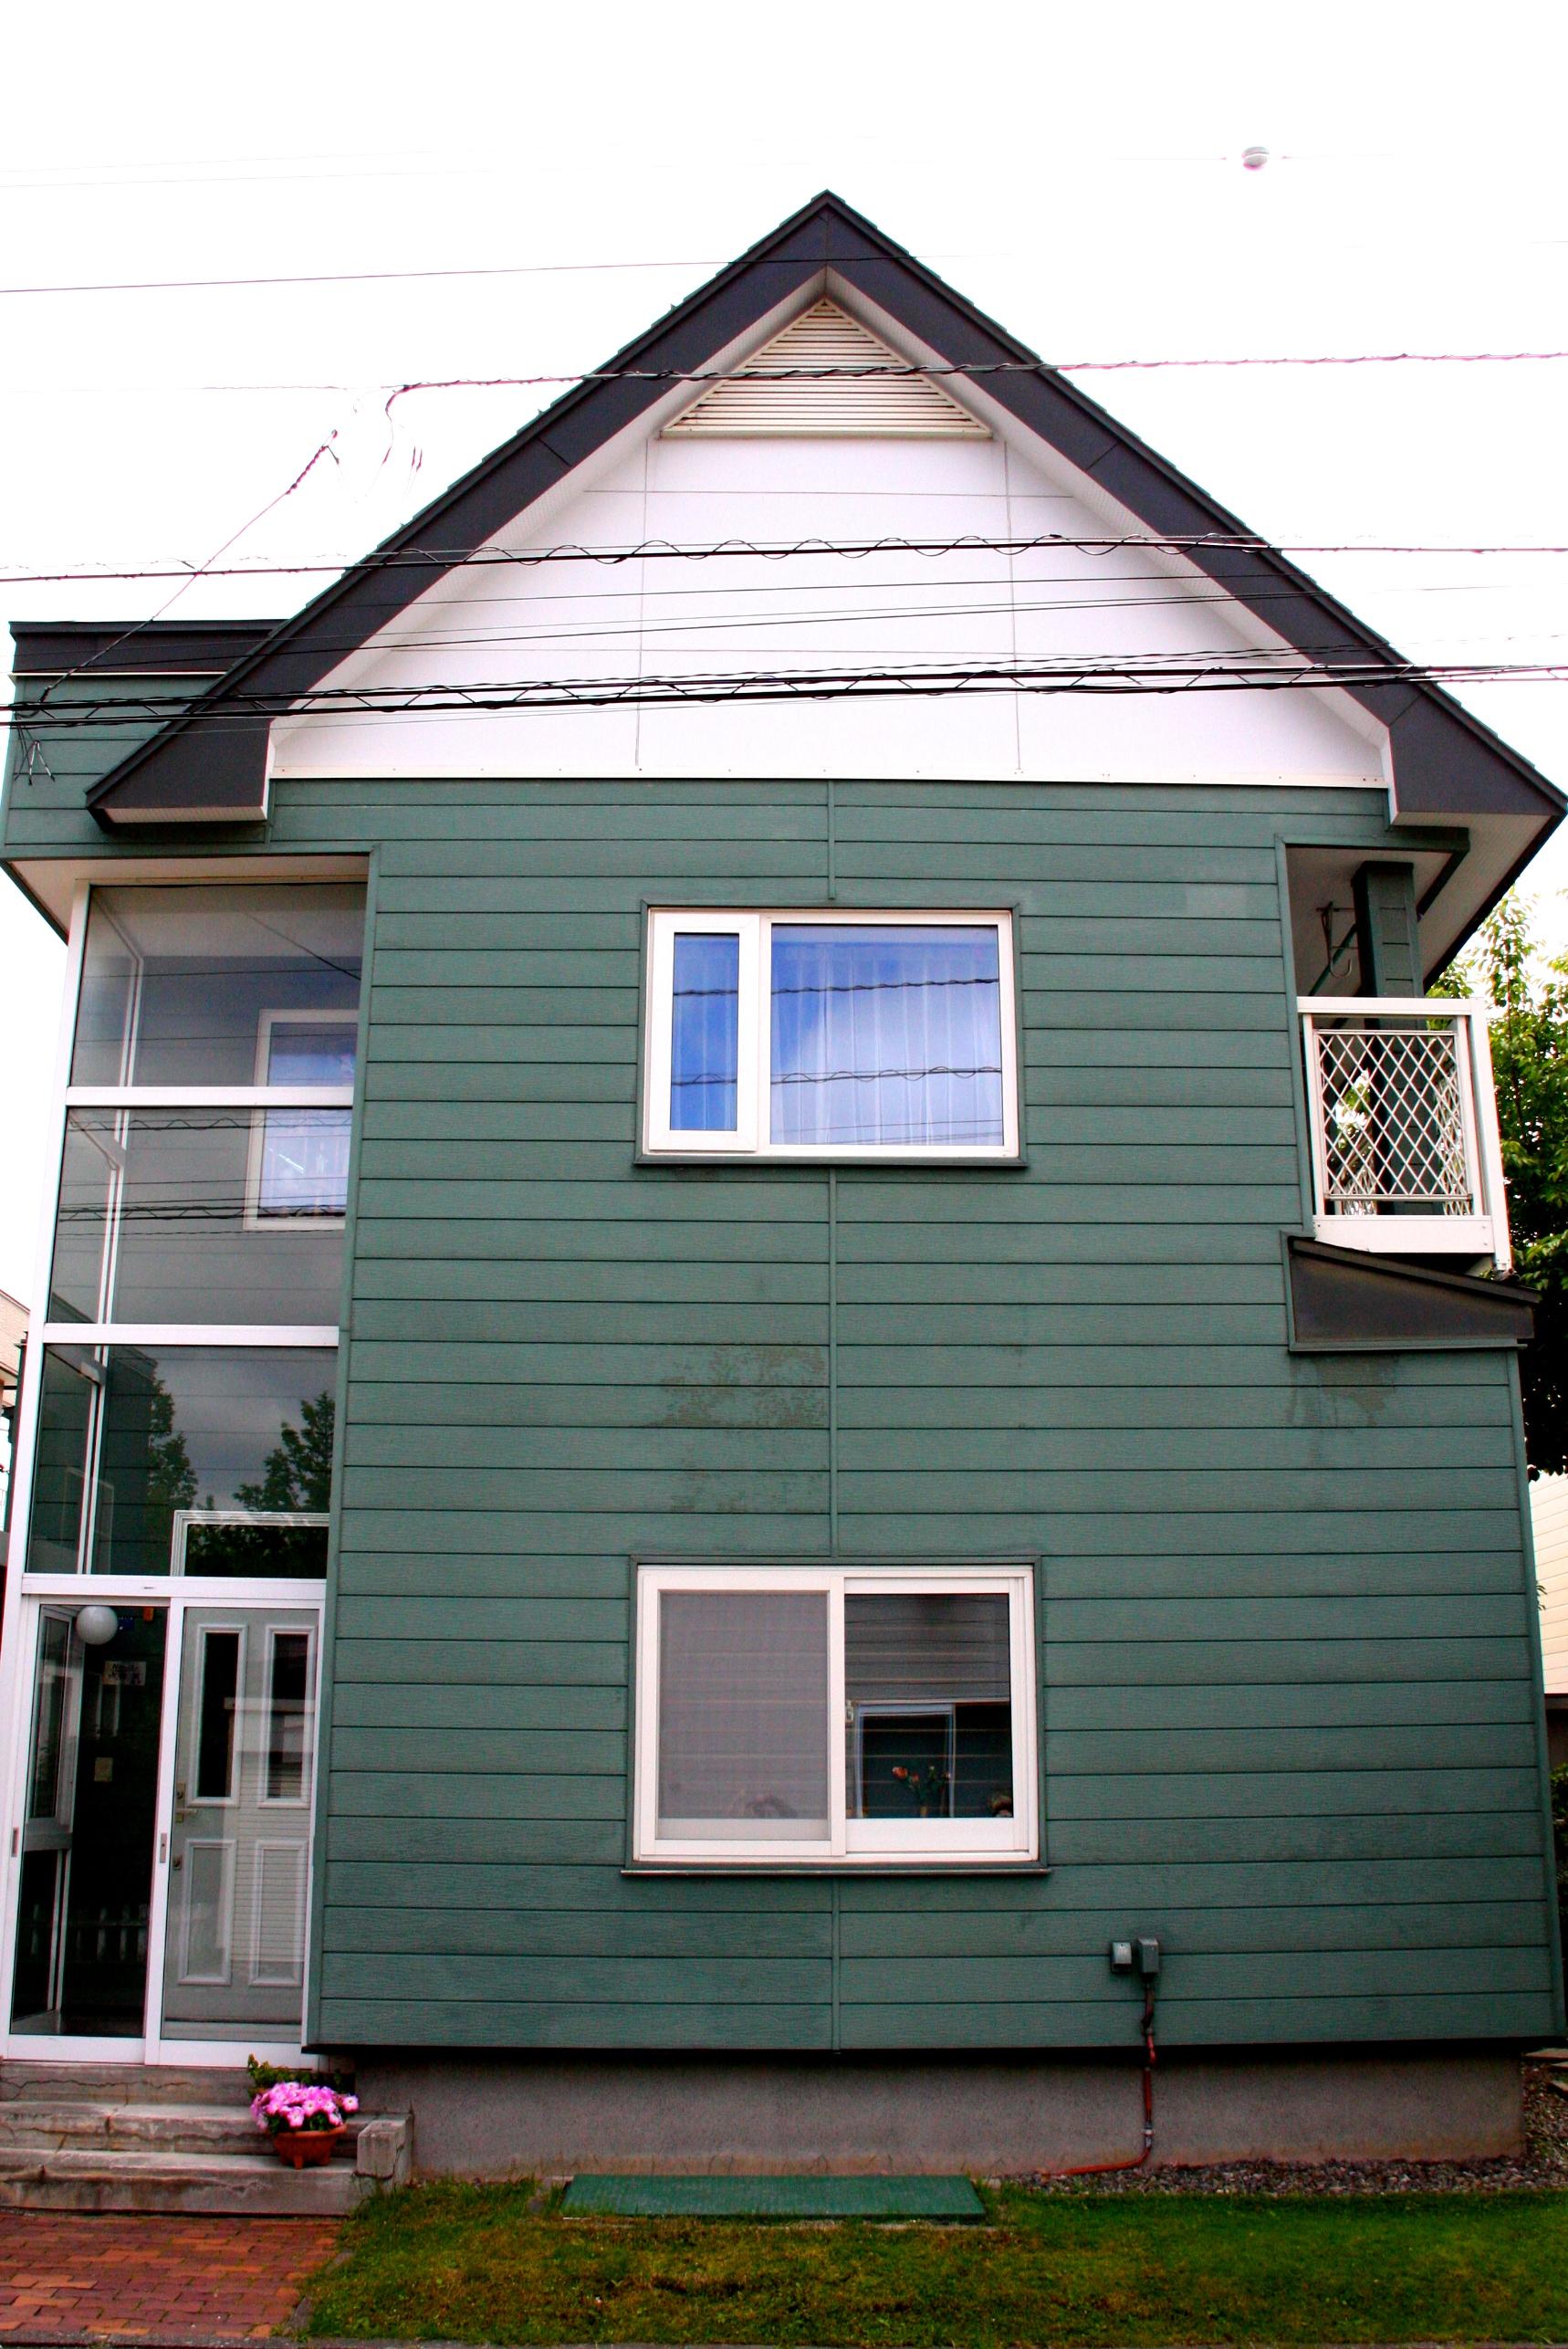 札幌市|塗装|ビフォーアフター|施工前|